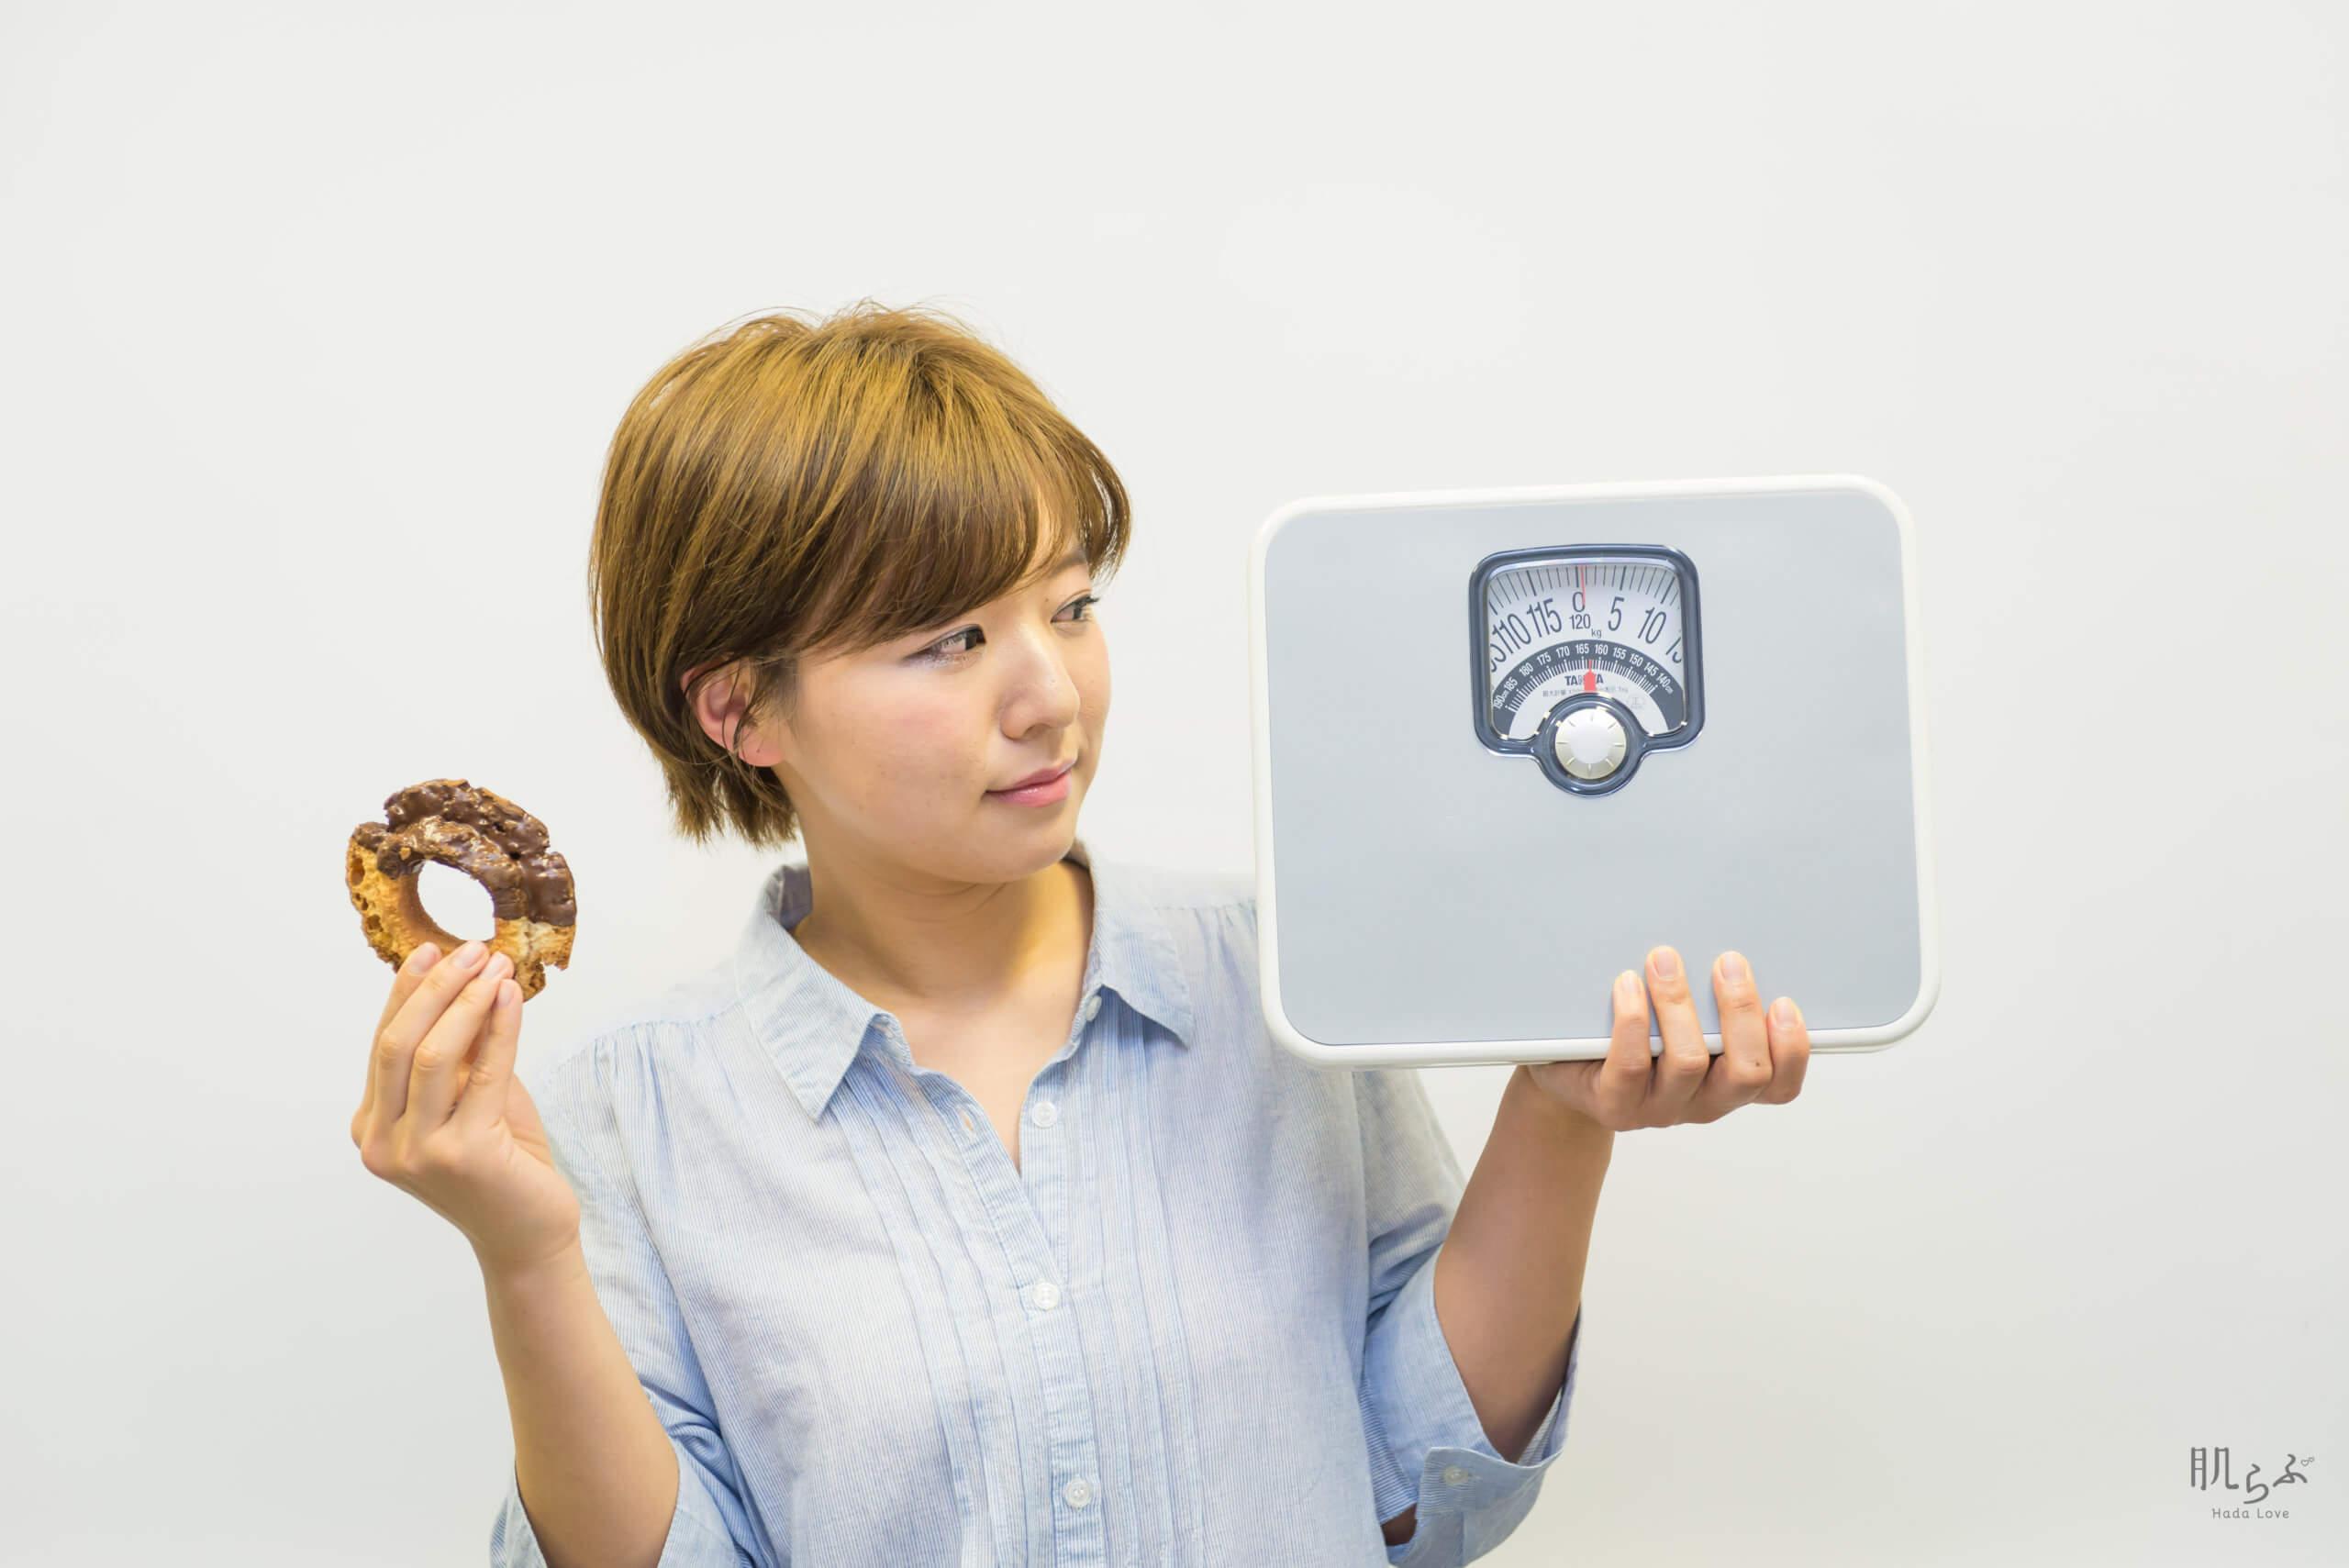 体重計とドーナツを持つ女性